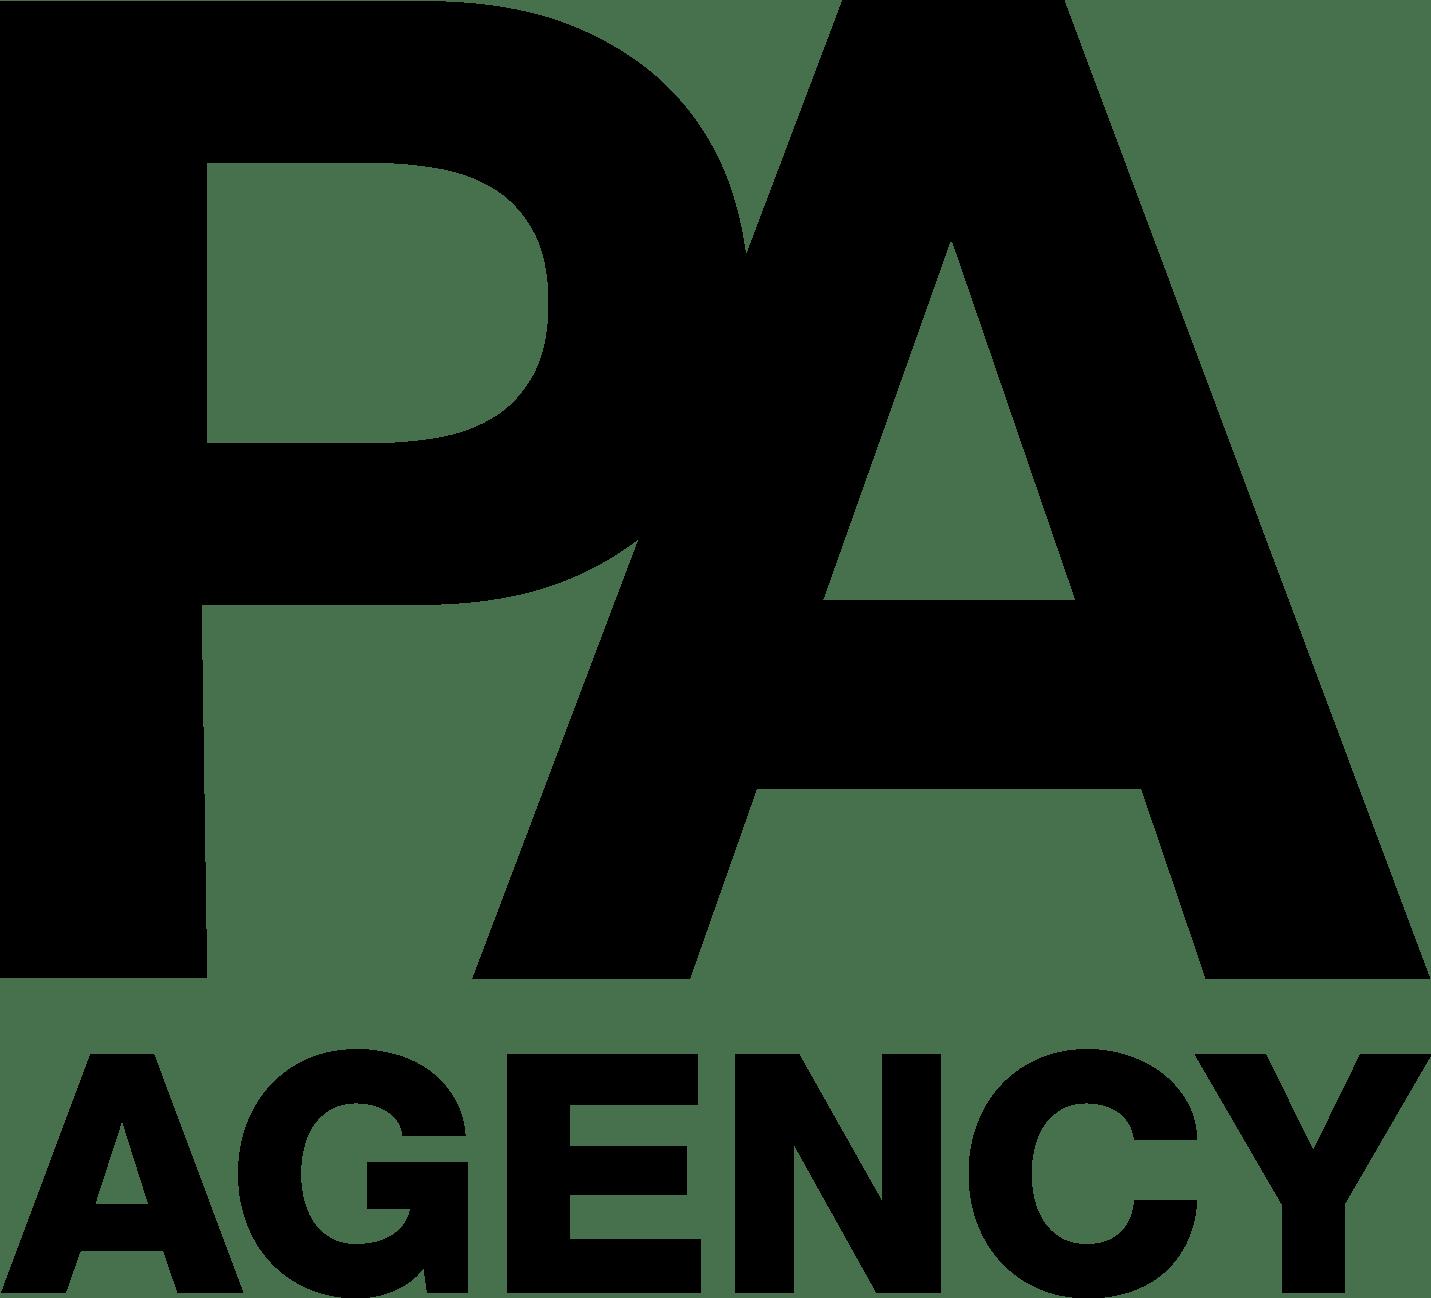 Panama Agency